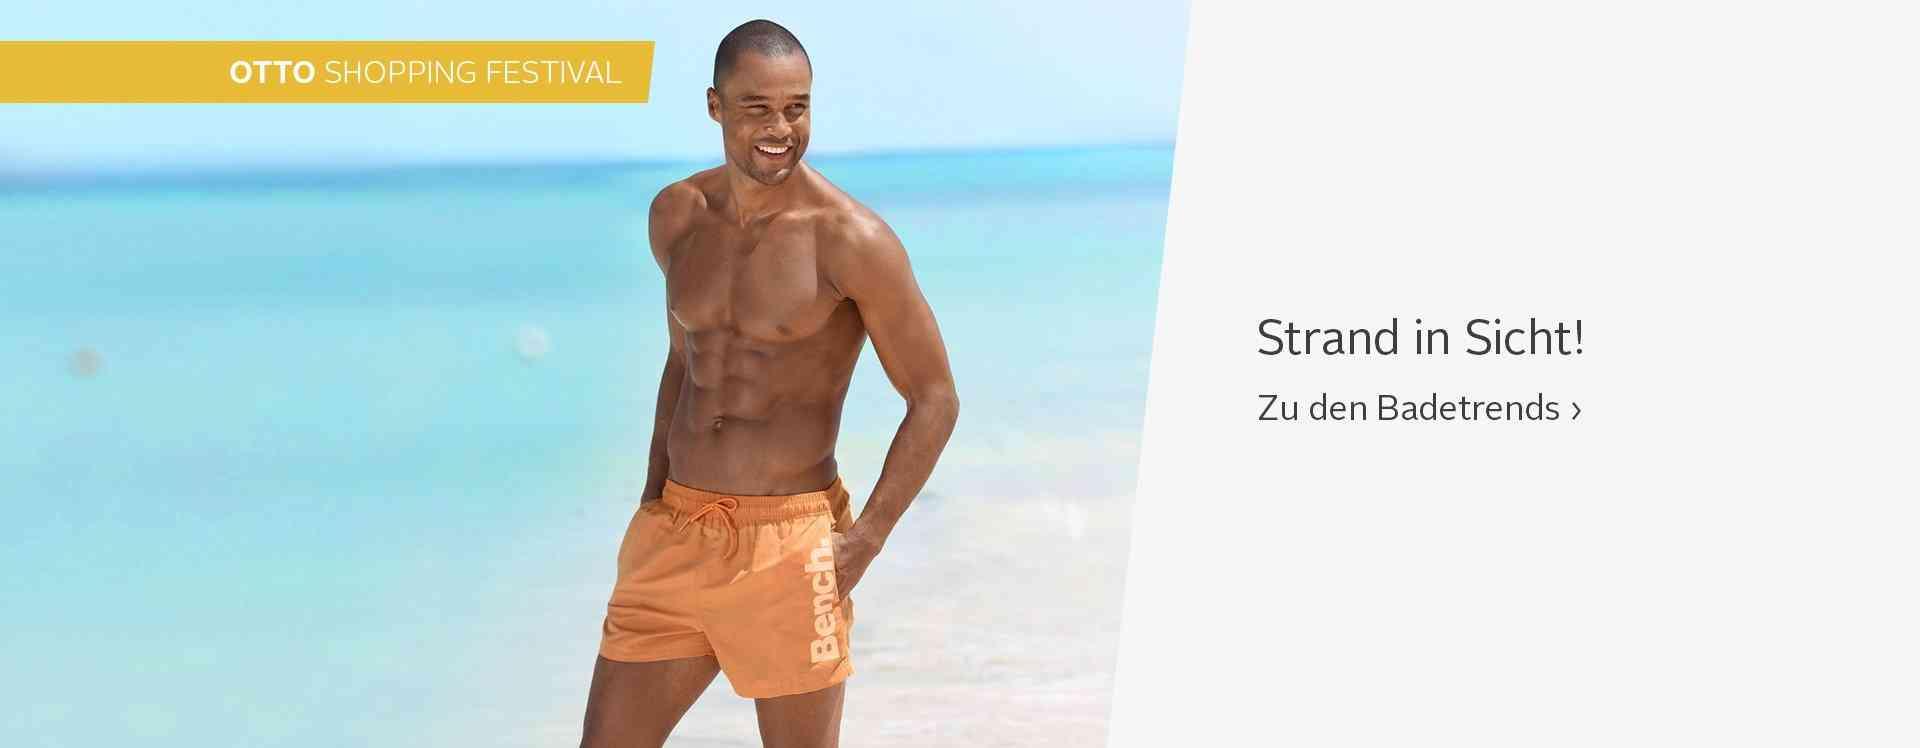 Herrenbademode die begeistert! Badeshorts oder Badehosen für Herren in stylischen Ausführungen und trendigen Farben & Formen. Jetzt entdecken!